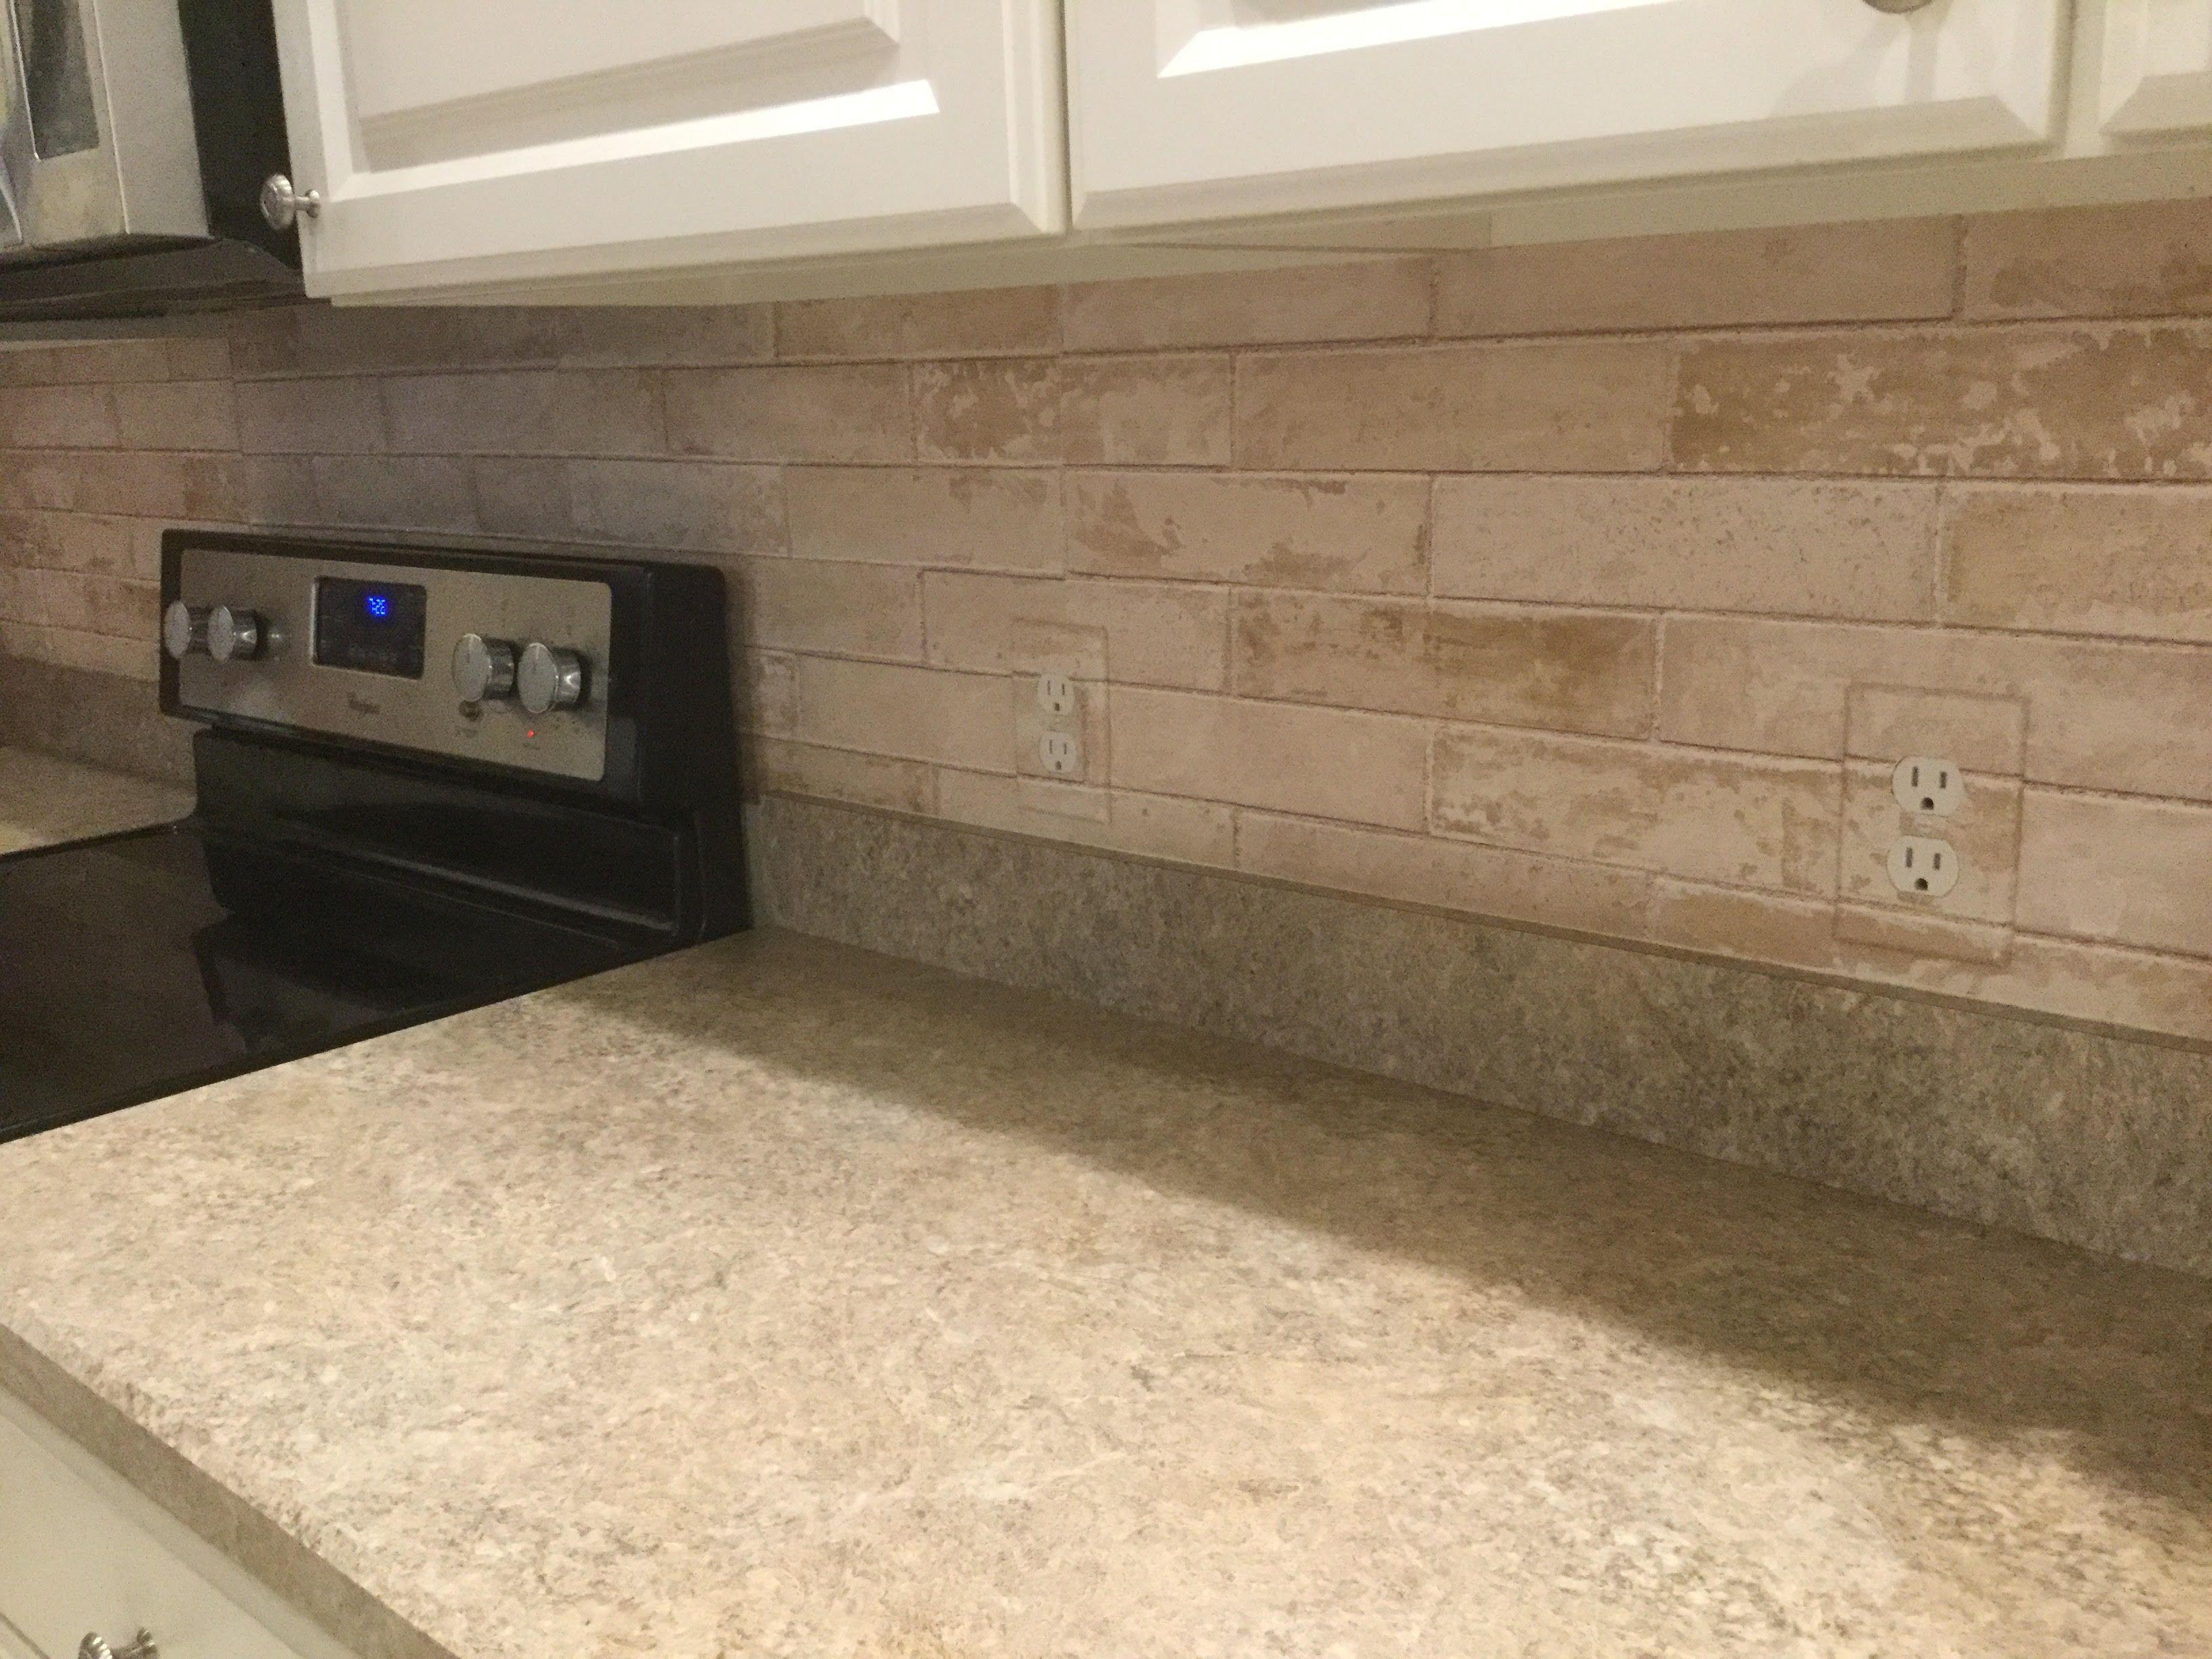 - TE29327 Brick Texture Tan & Beige Brick Wallpaper For Walls